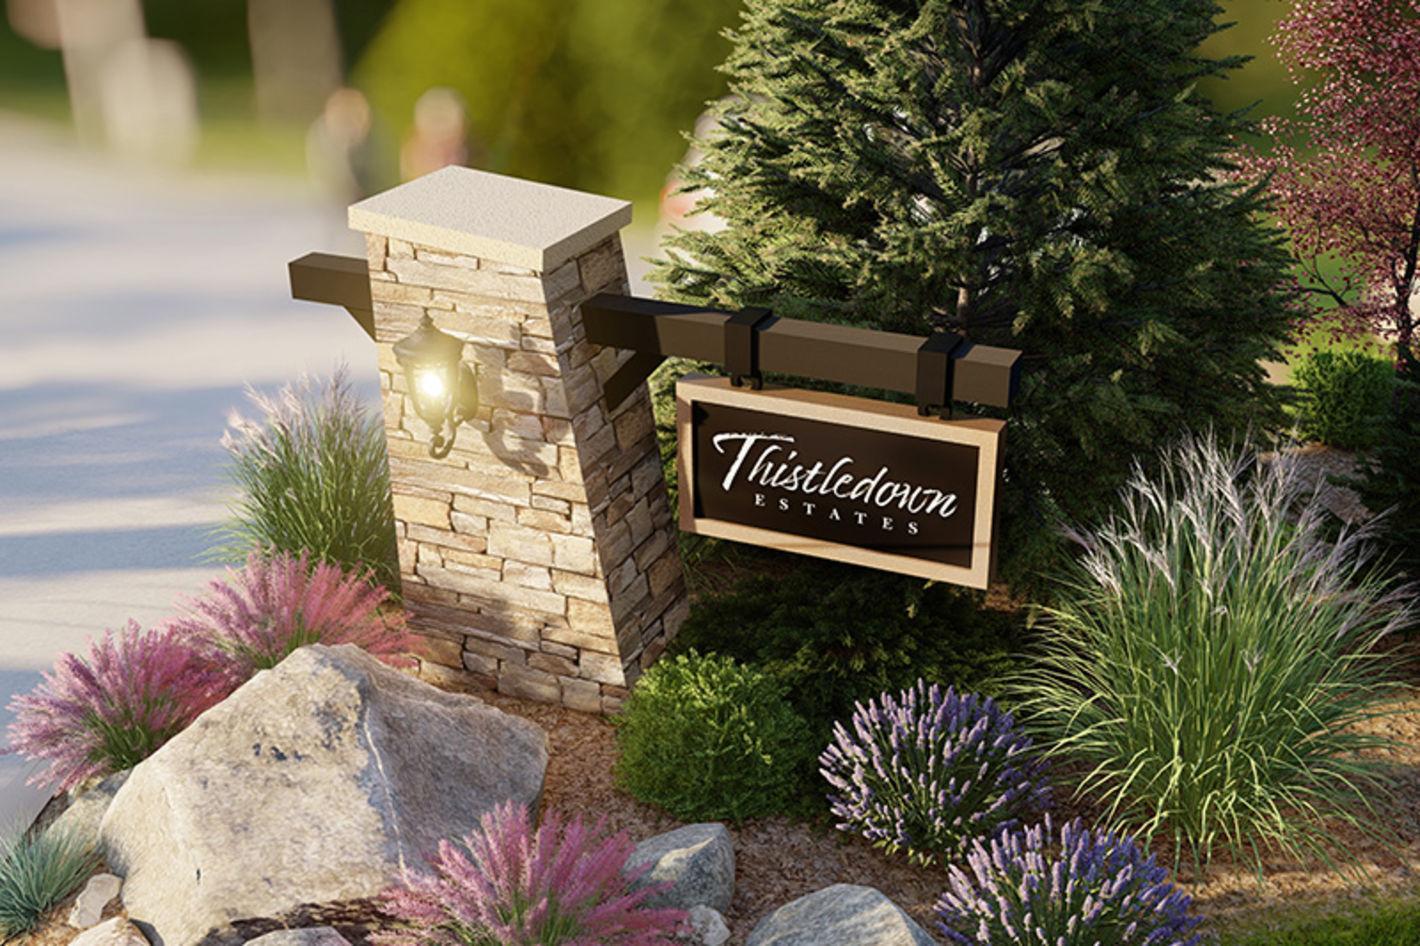 Thistledown Entryway - Photo